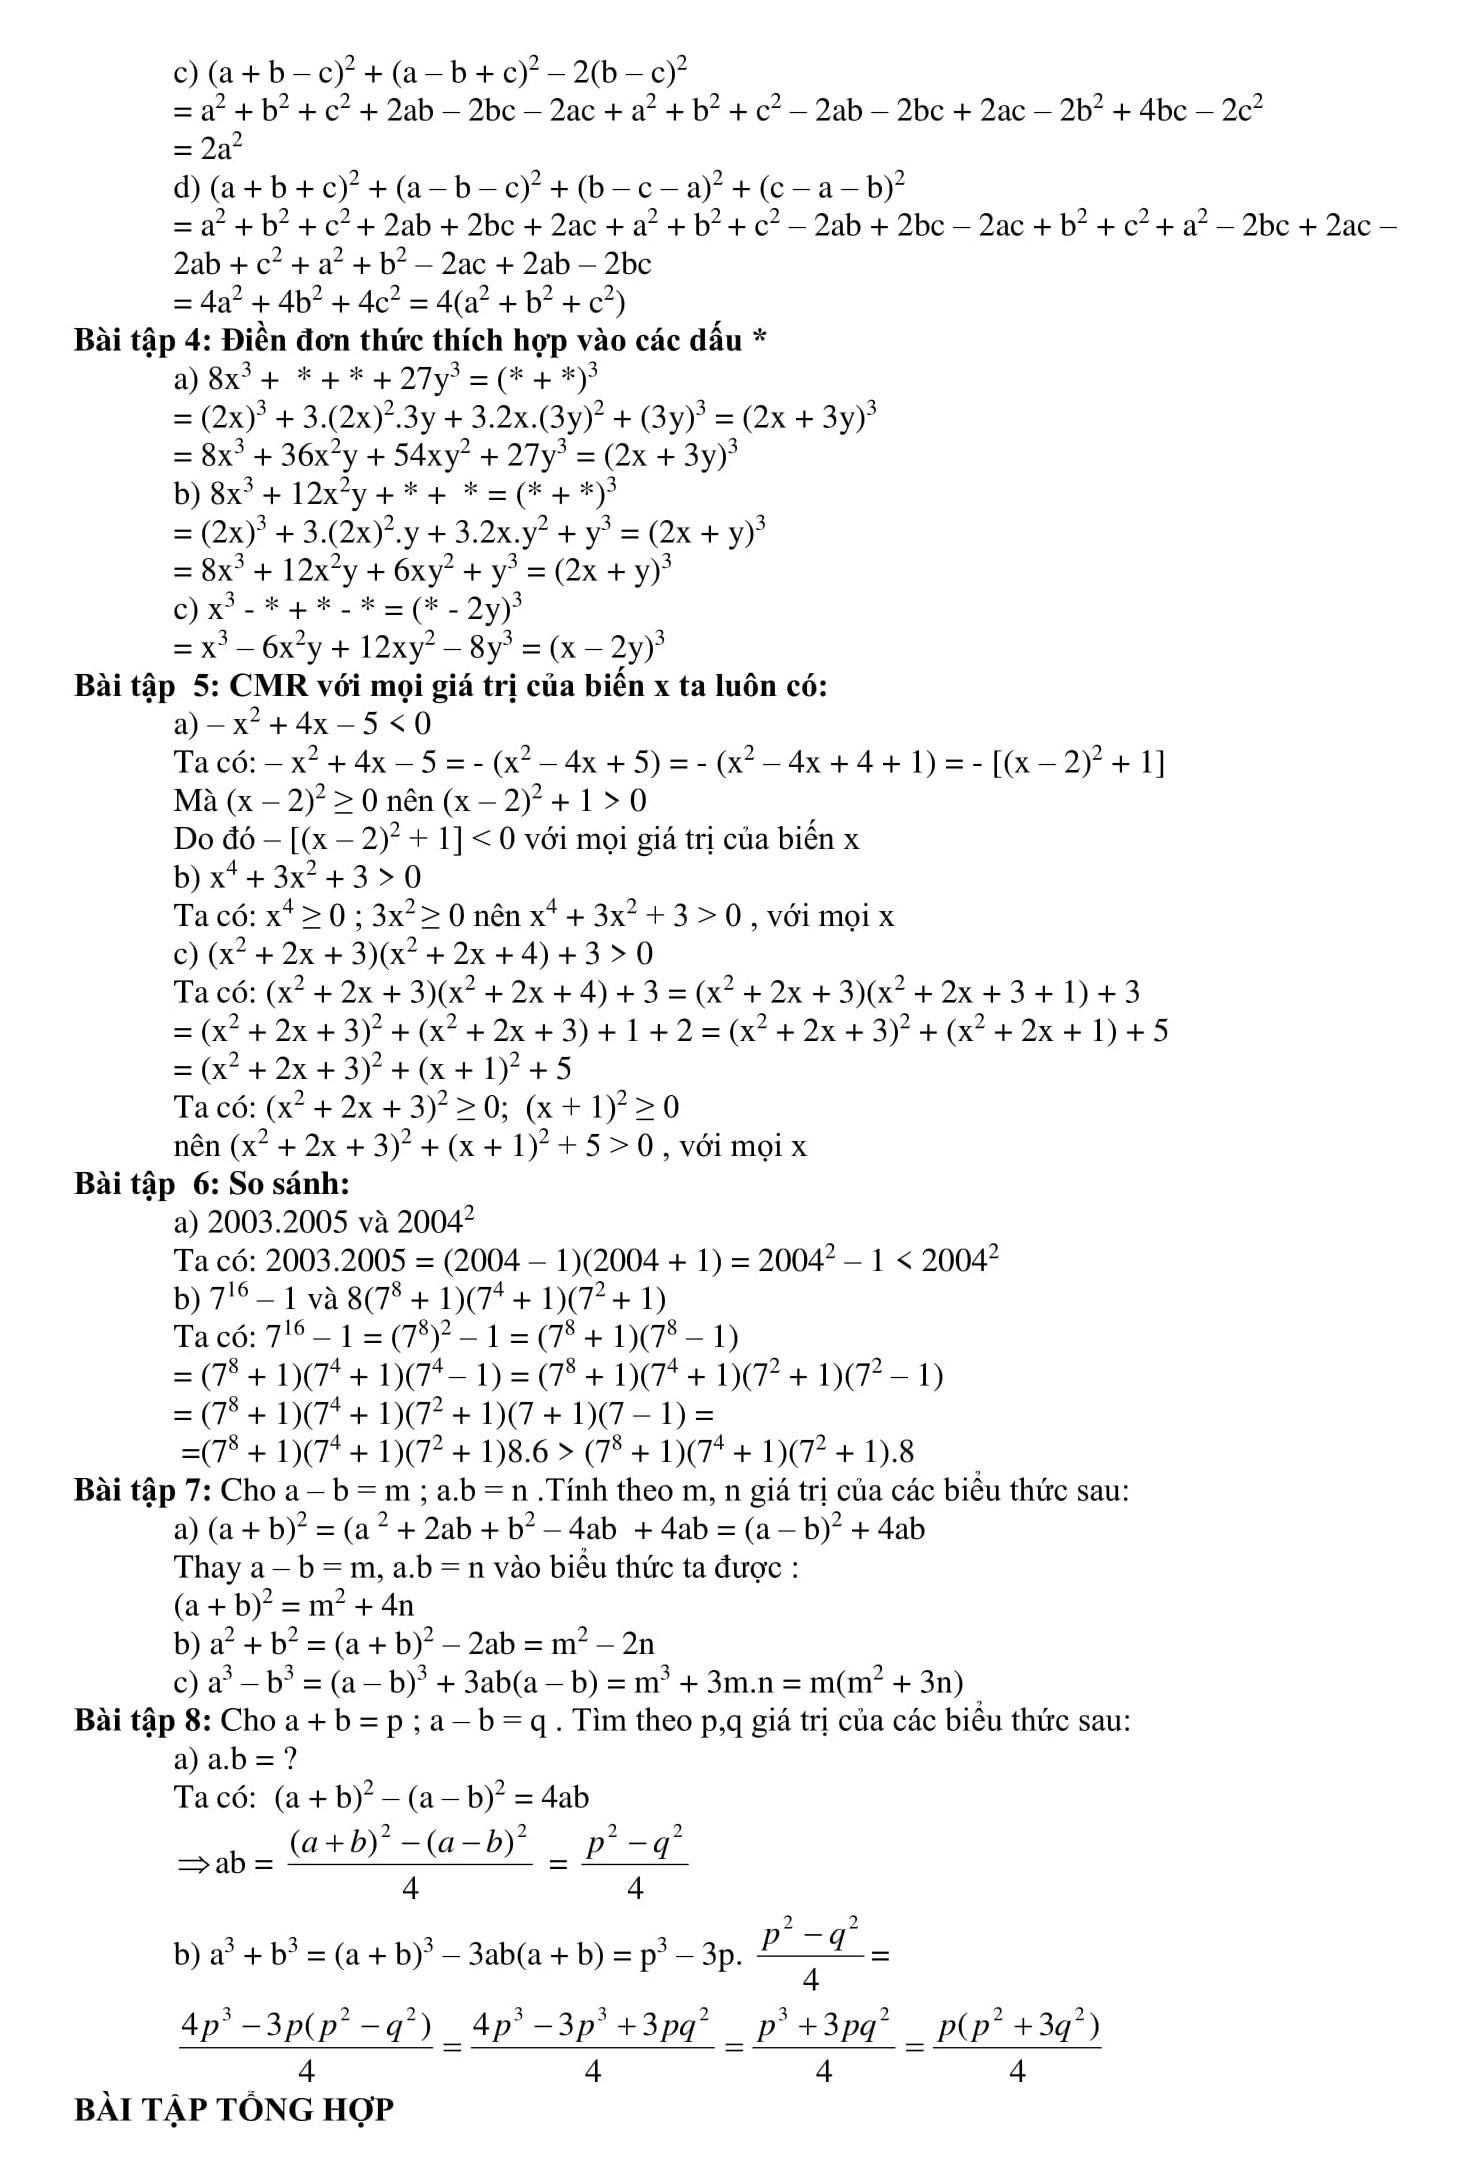 Tổng hợp các dạng bài tập có trong đề thi - Toán 8